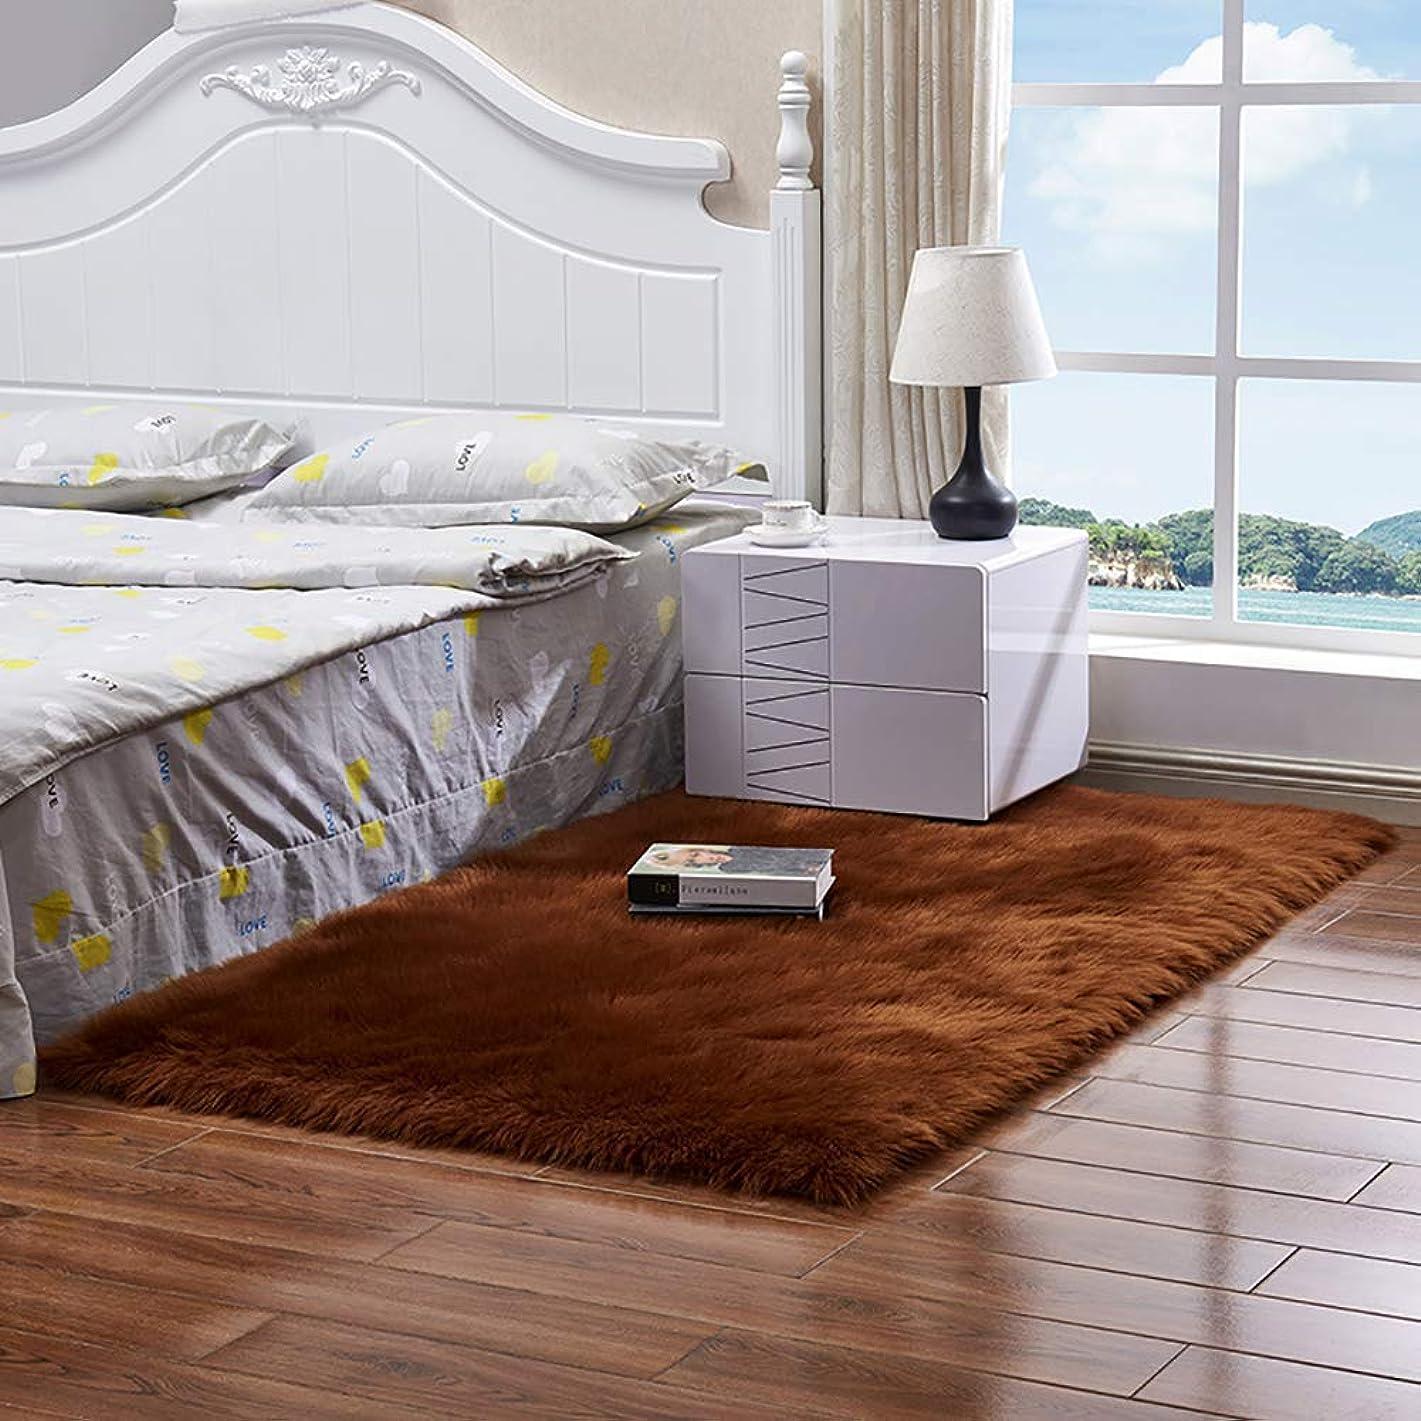 ダーリン言い直す見える人工ウールラグ、スーパーソフトふわっと居間の寝室の子供部屋の食堂のための滑り止めおよび耐久のカーペット-ブラウン-60×90センチメートル(24×35インチ)